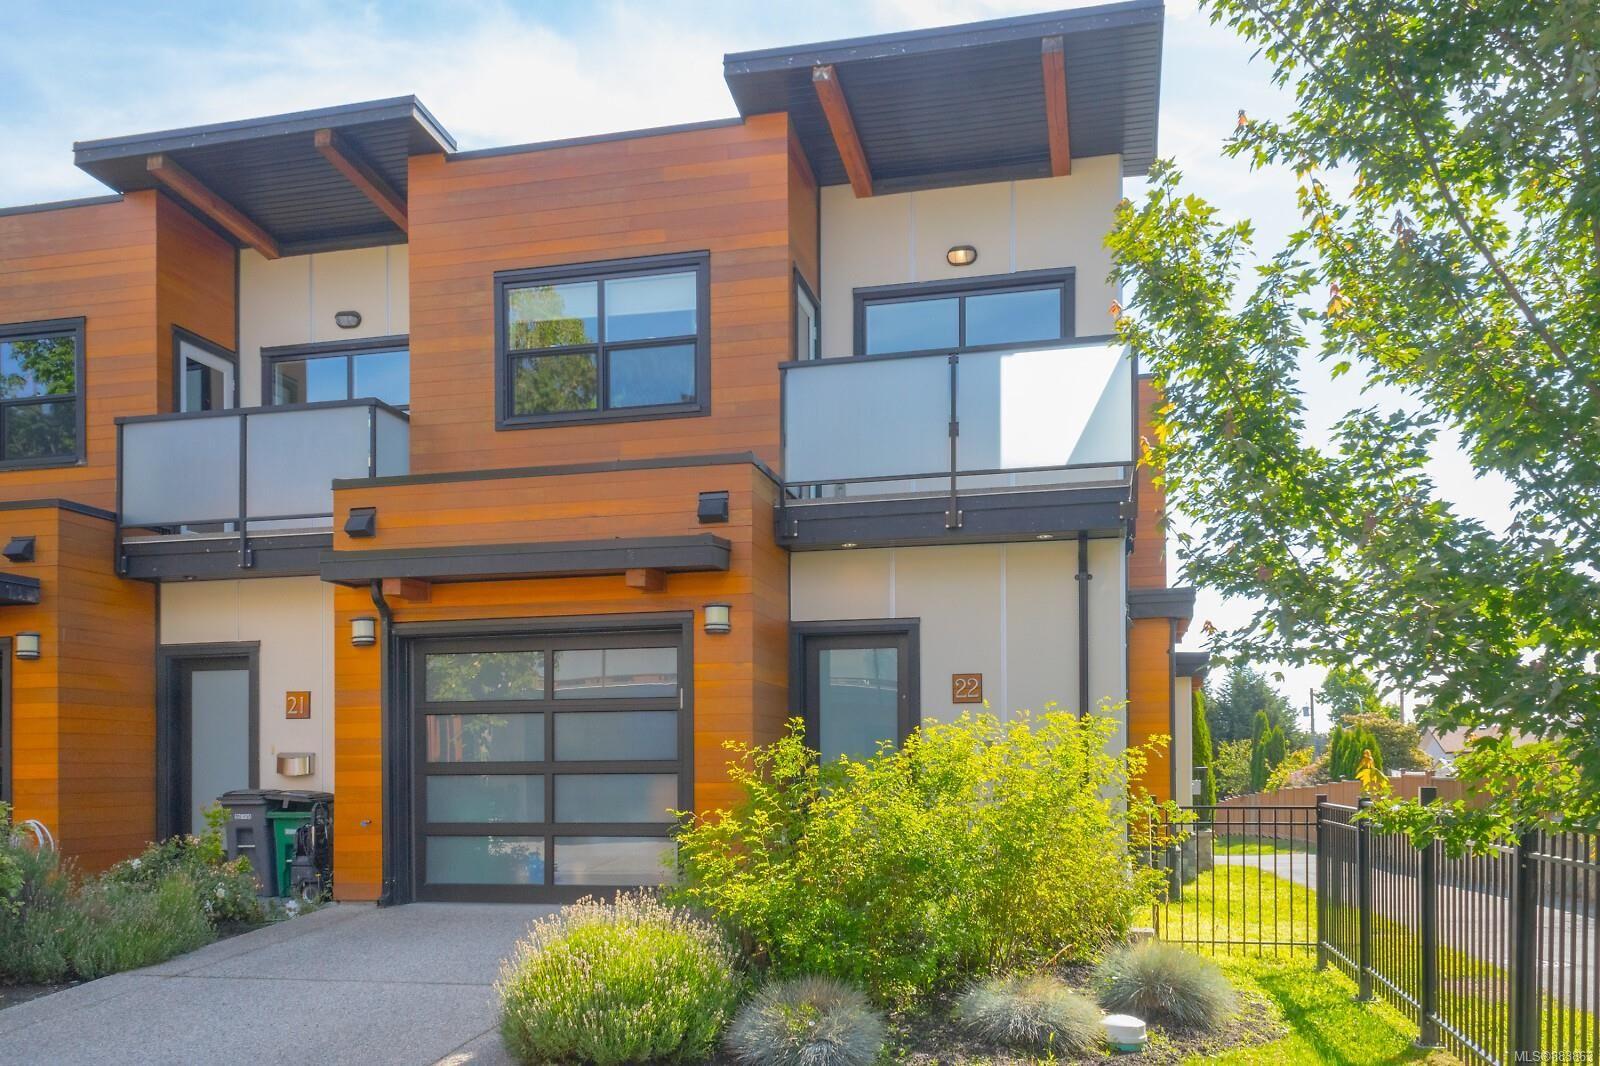 Main Photo: 22 4009 Cedar Hill Rd in : SE Gordon Head Row/Townhouse for sale (Saanich East)  : MLS®# 883863